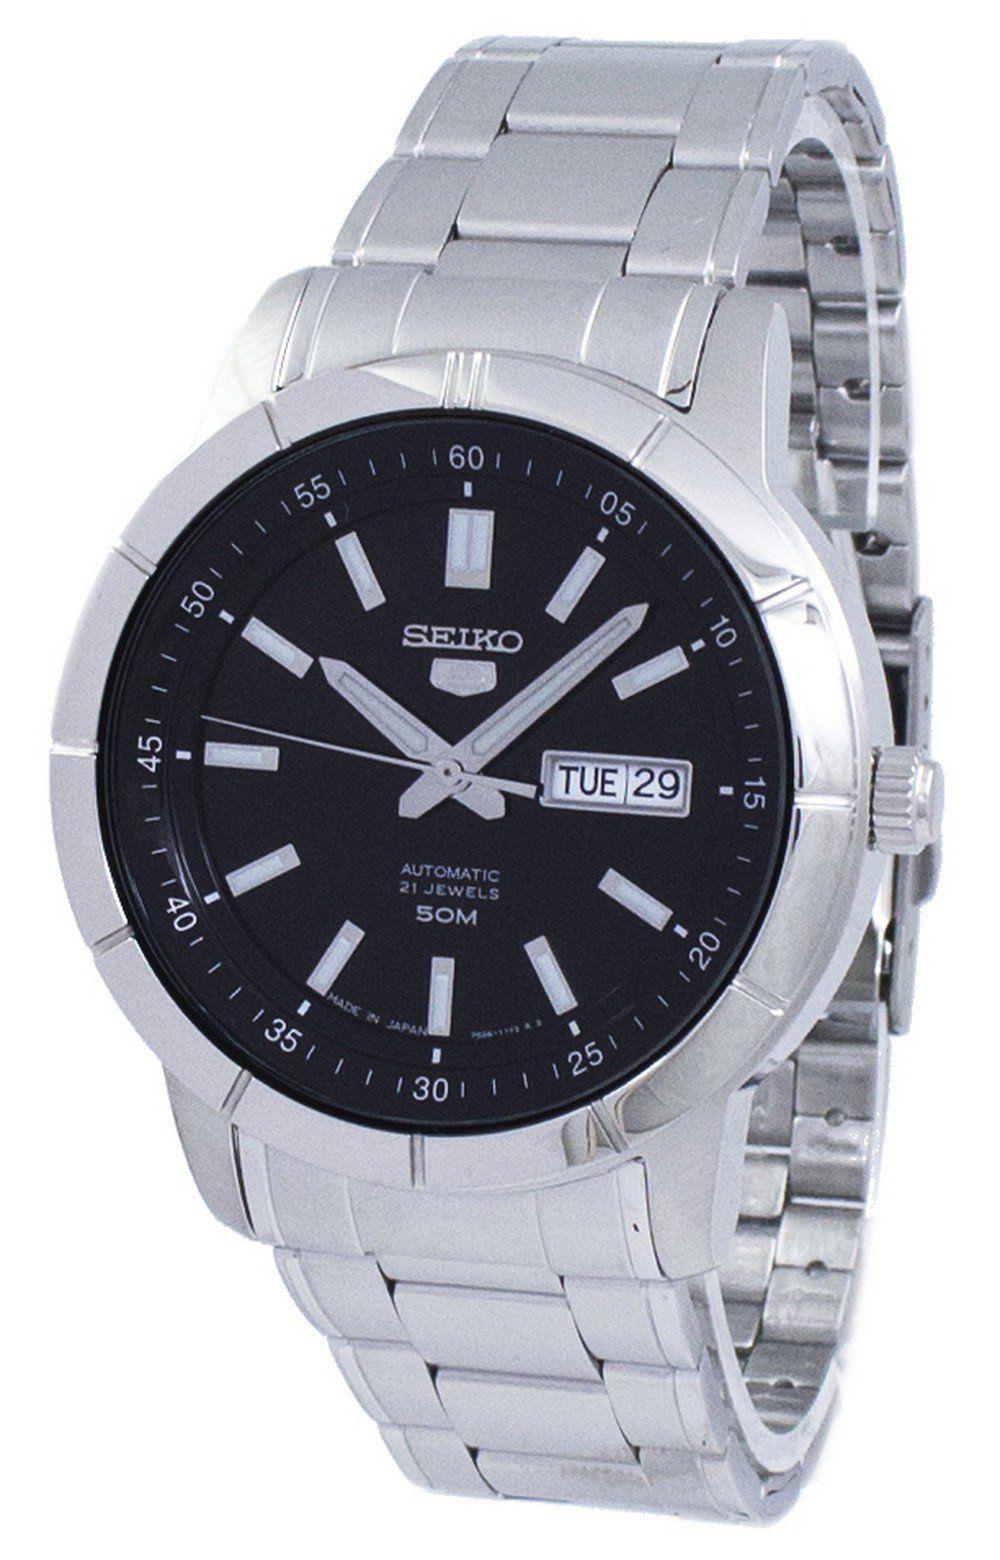 นาฬิกาผู้ชาย Seiko รุ่น SNKN55J1, Seiko 5 Sports Automatic Japan Made Men's Watch